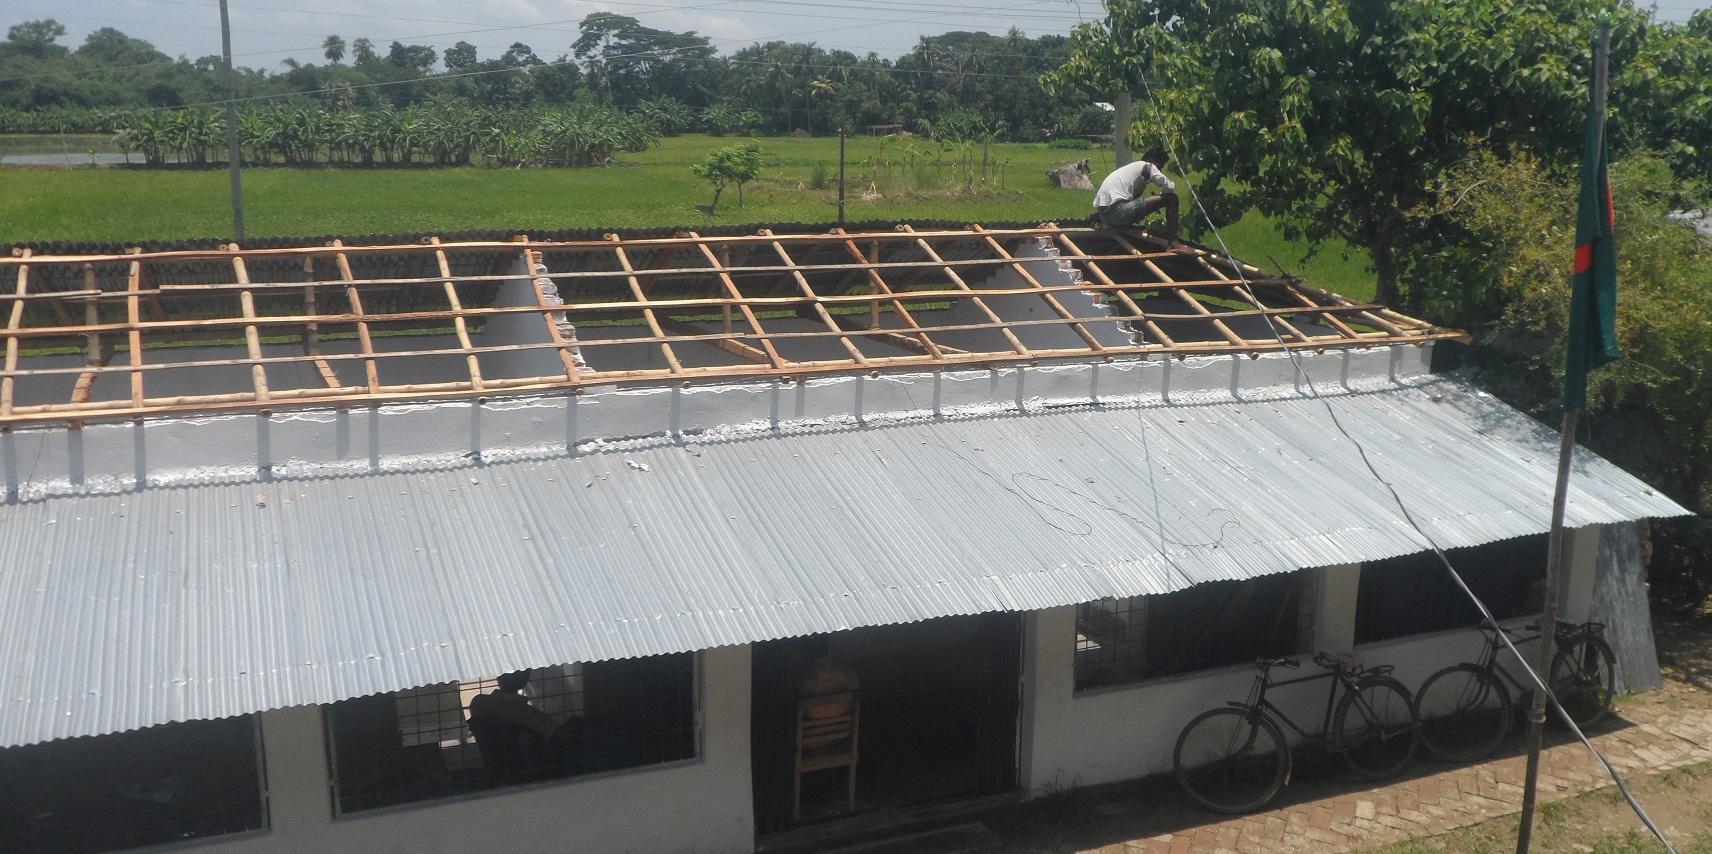 টর্নেডোর আঘাত এখনো কাটিয়ে উঠতে পারেনি তালা মডেল সরকারি প্রাথমিক বিদ্যালয়